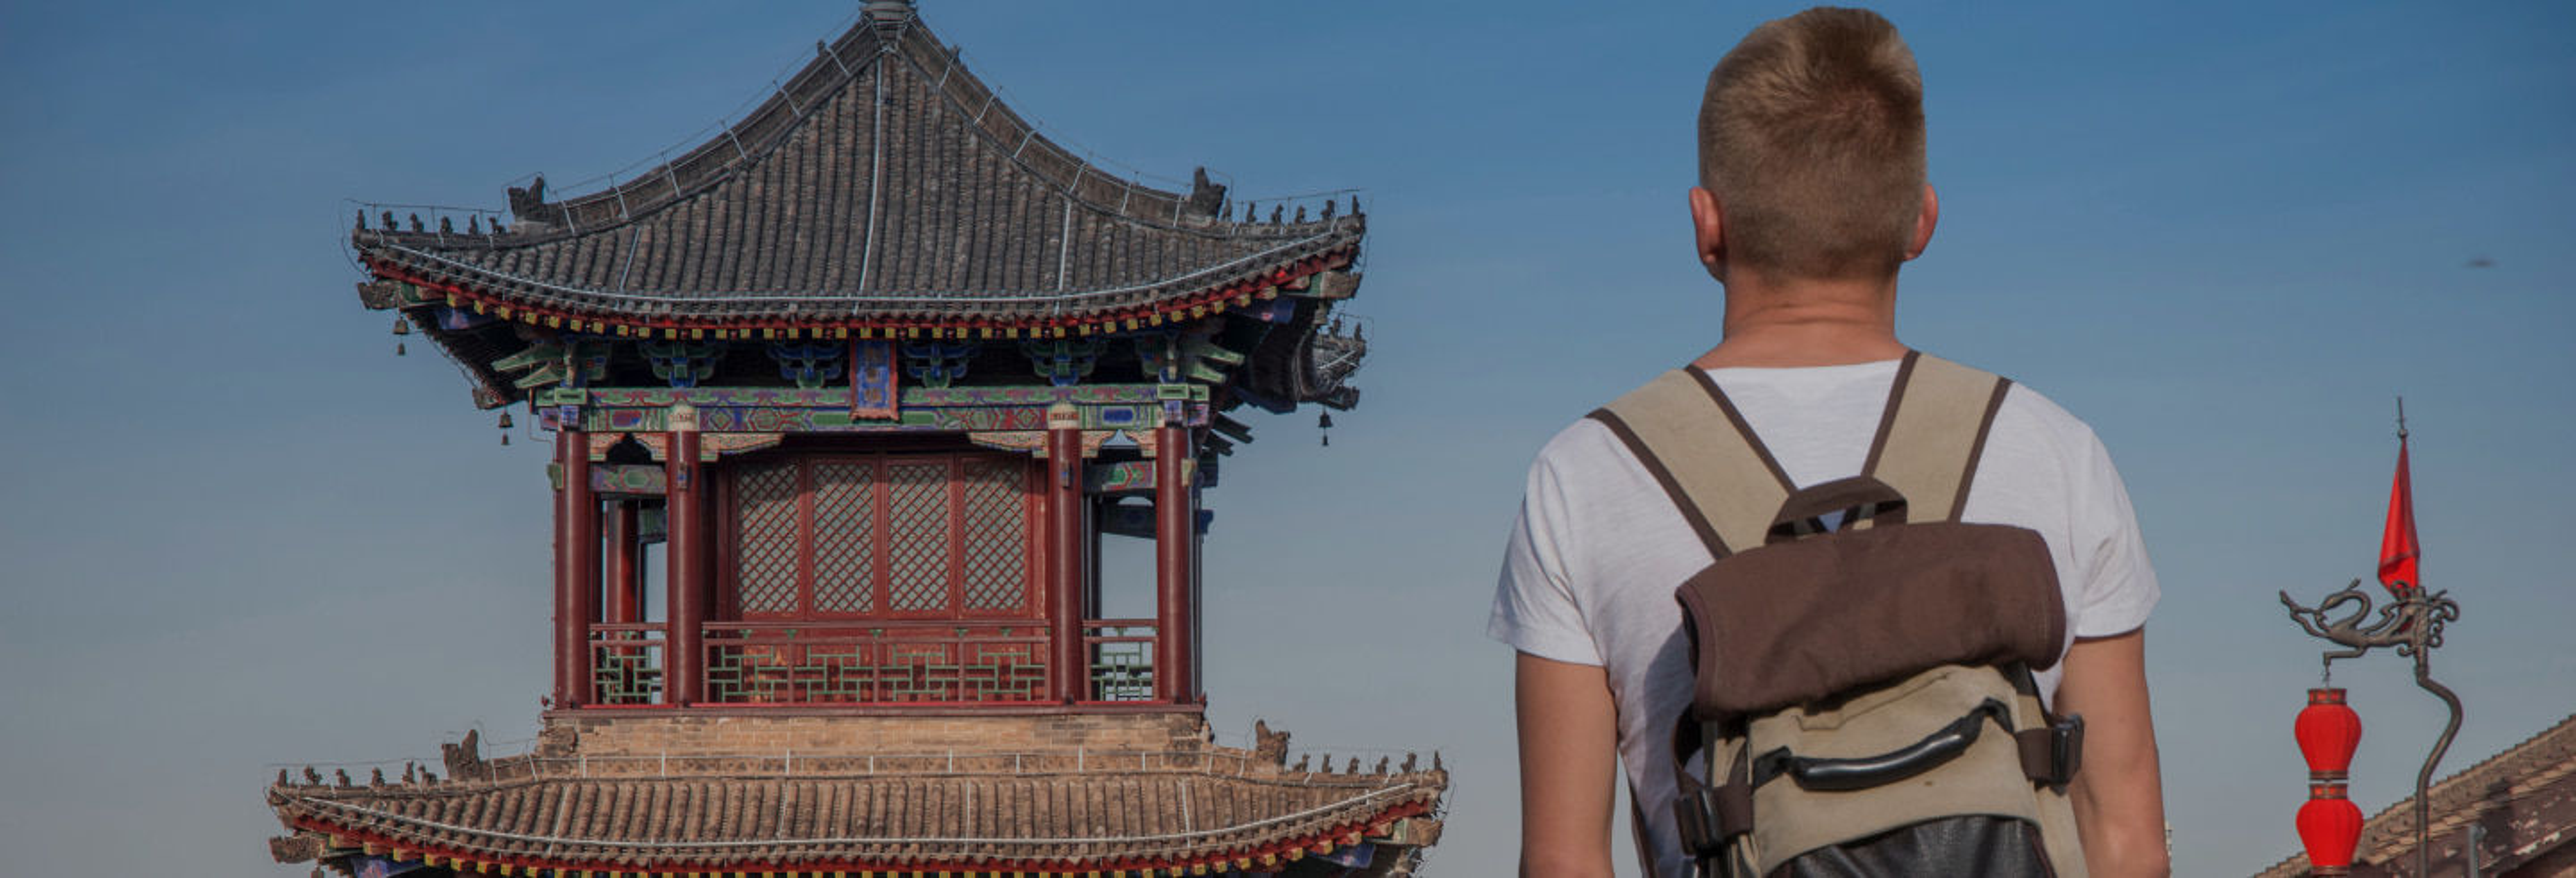 Pekín, Shanghái, Xián y Guilin en 12 días